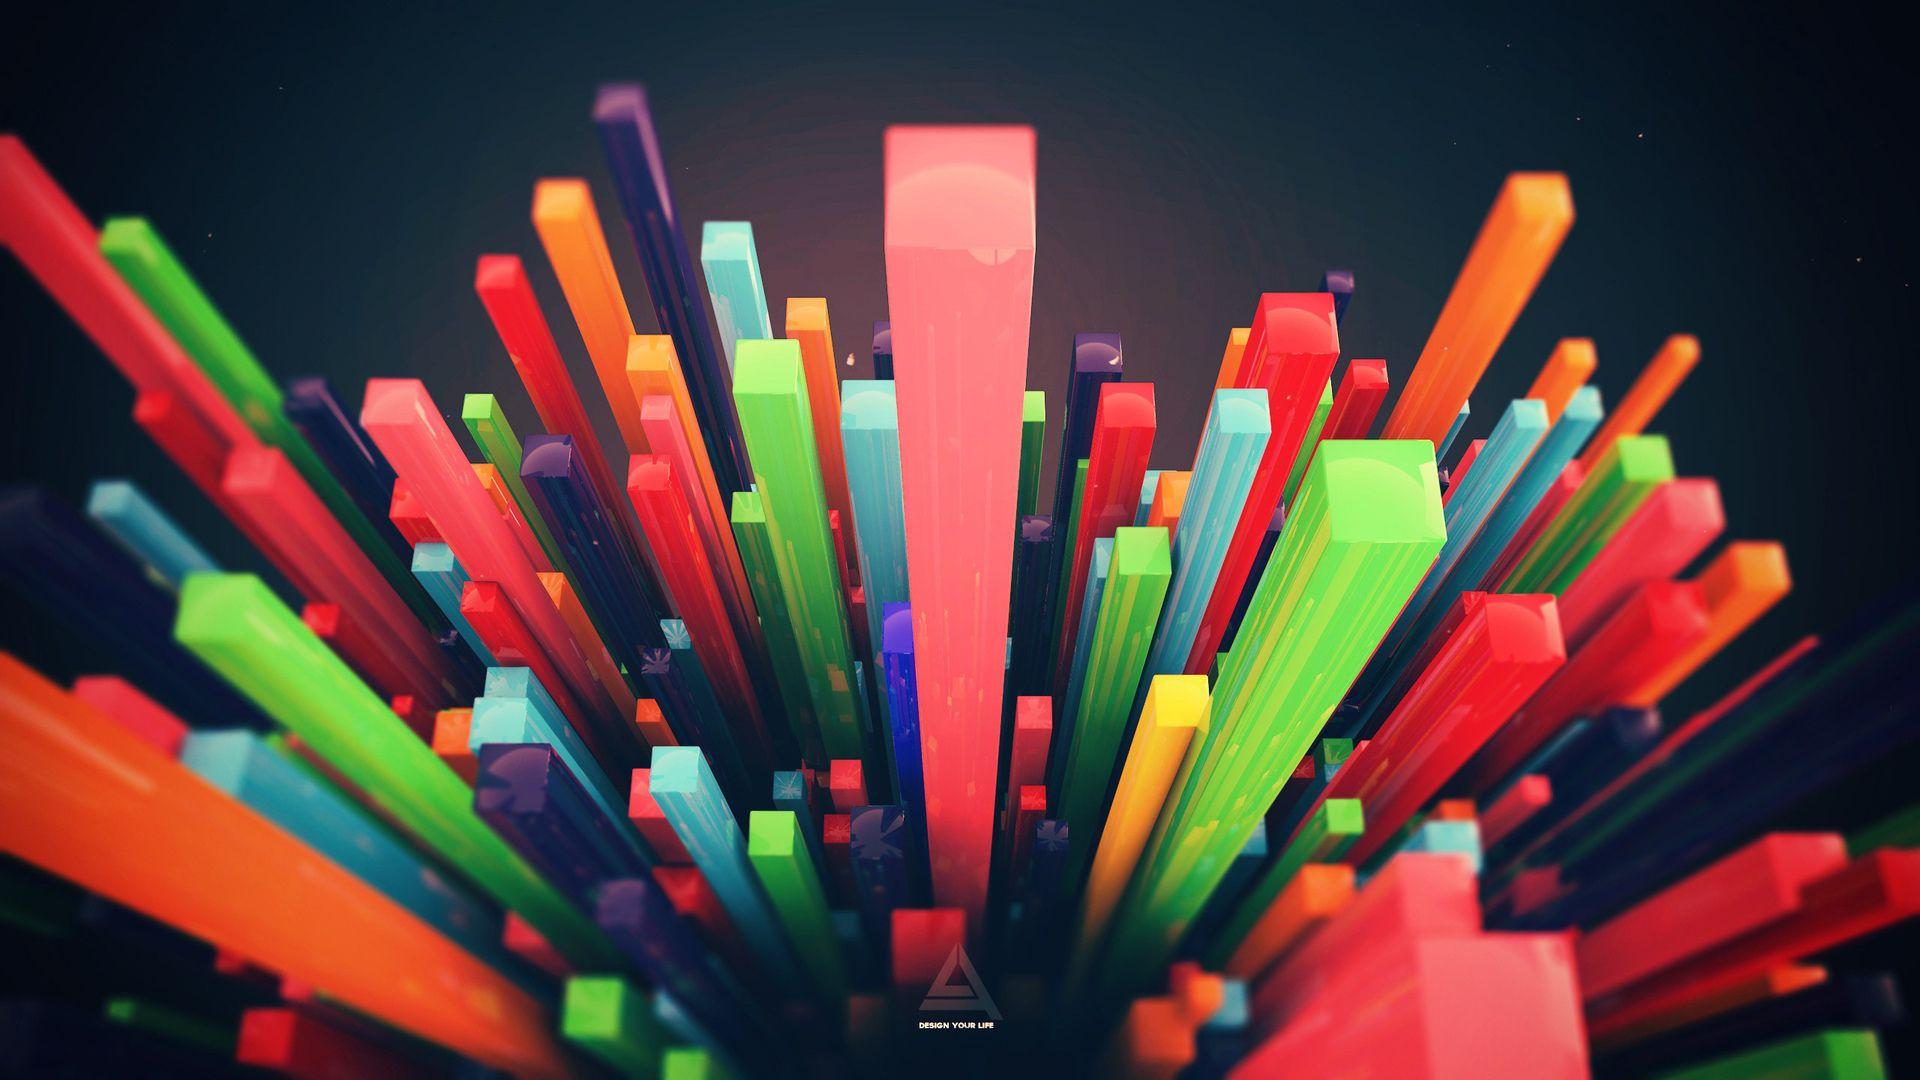 Wallpaper Desktop Abstract, Hd 3d